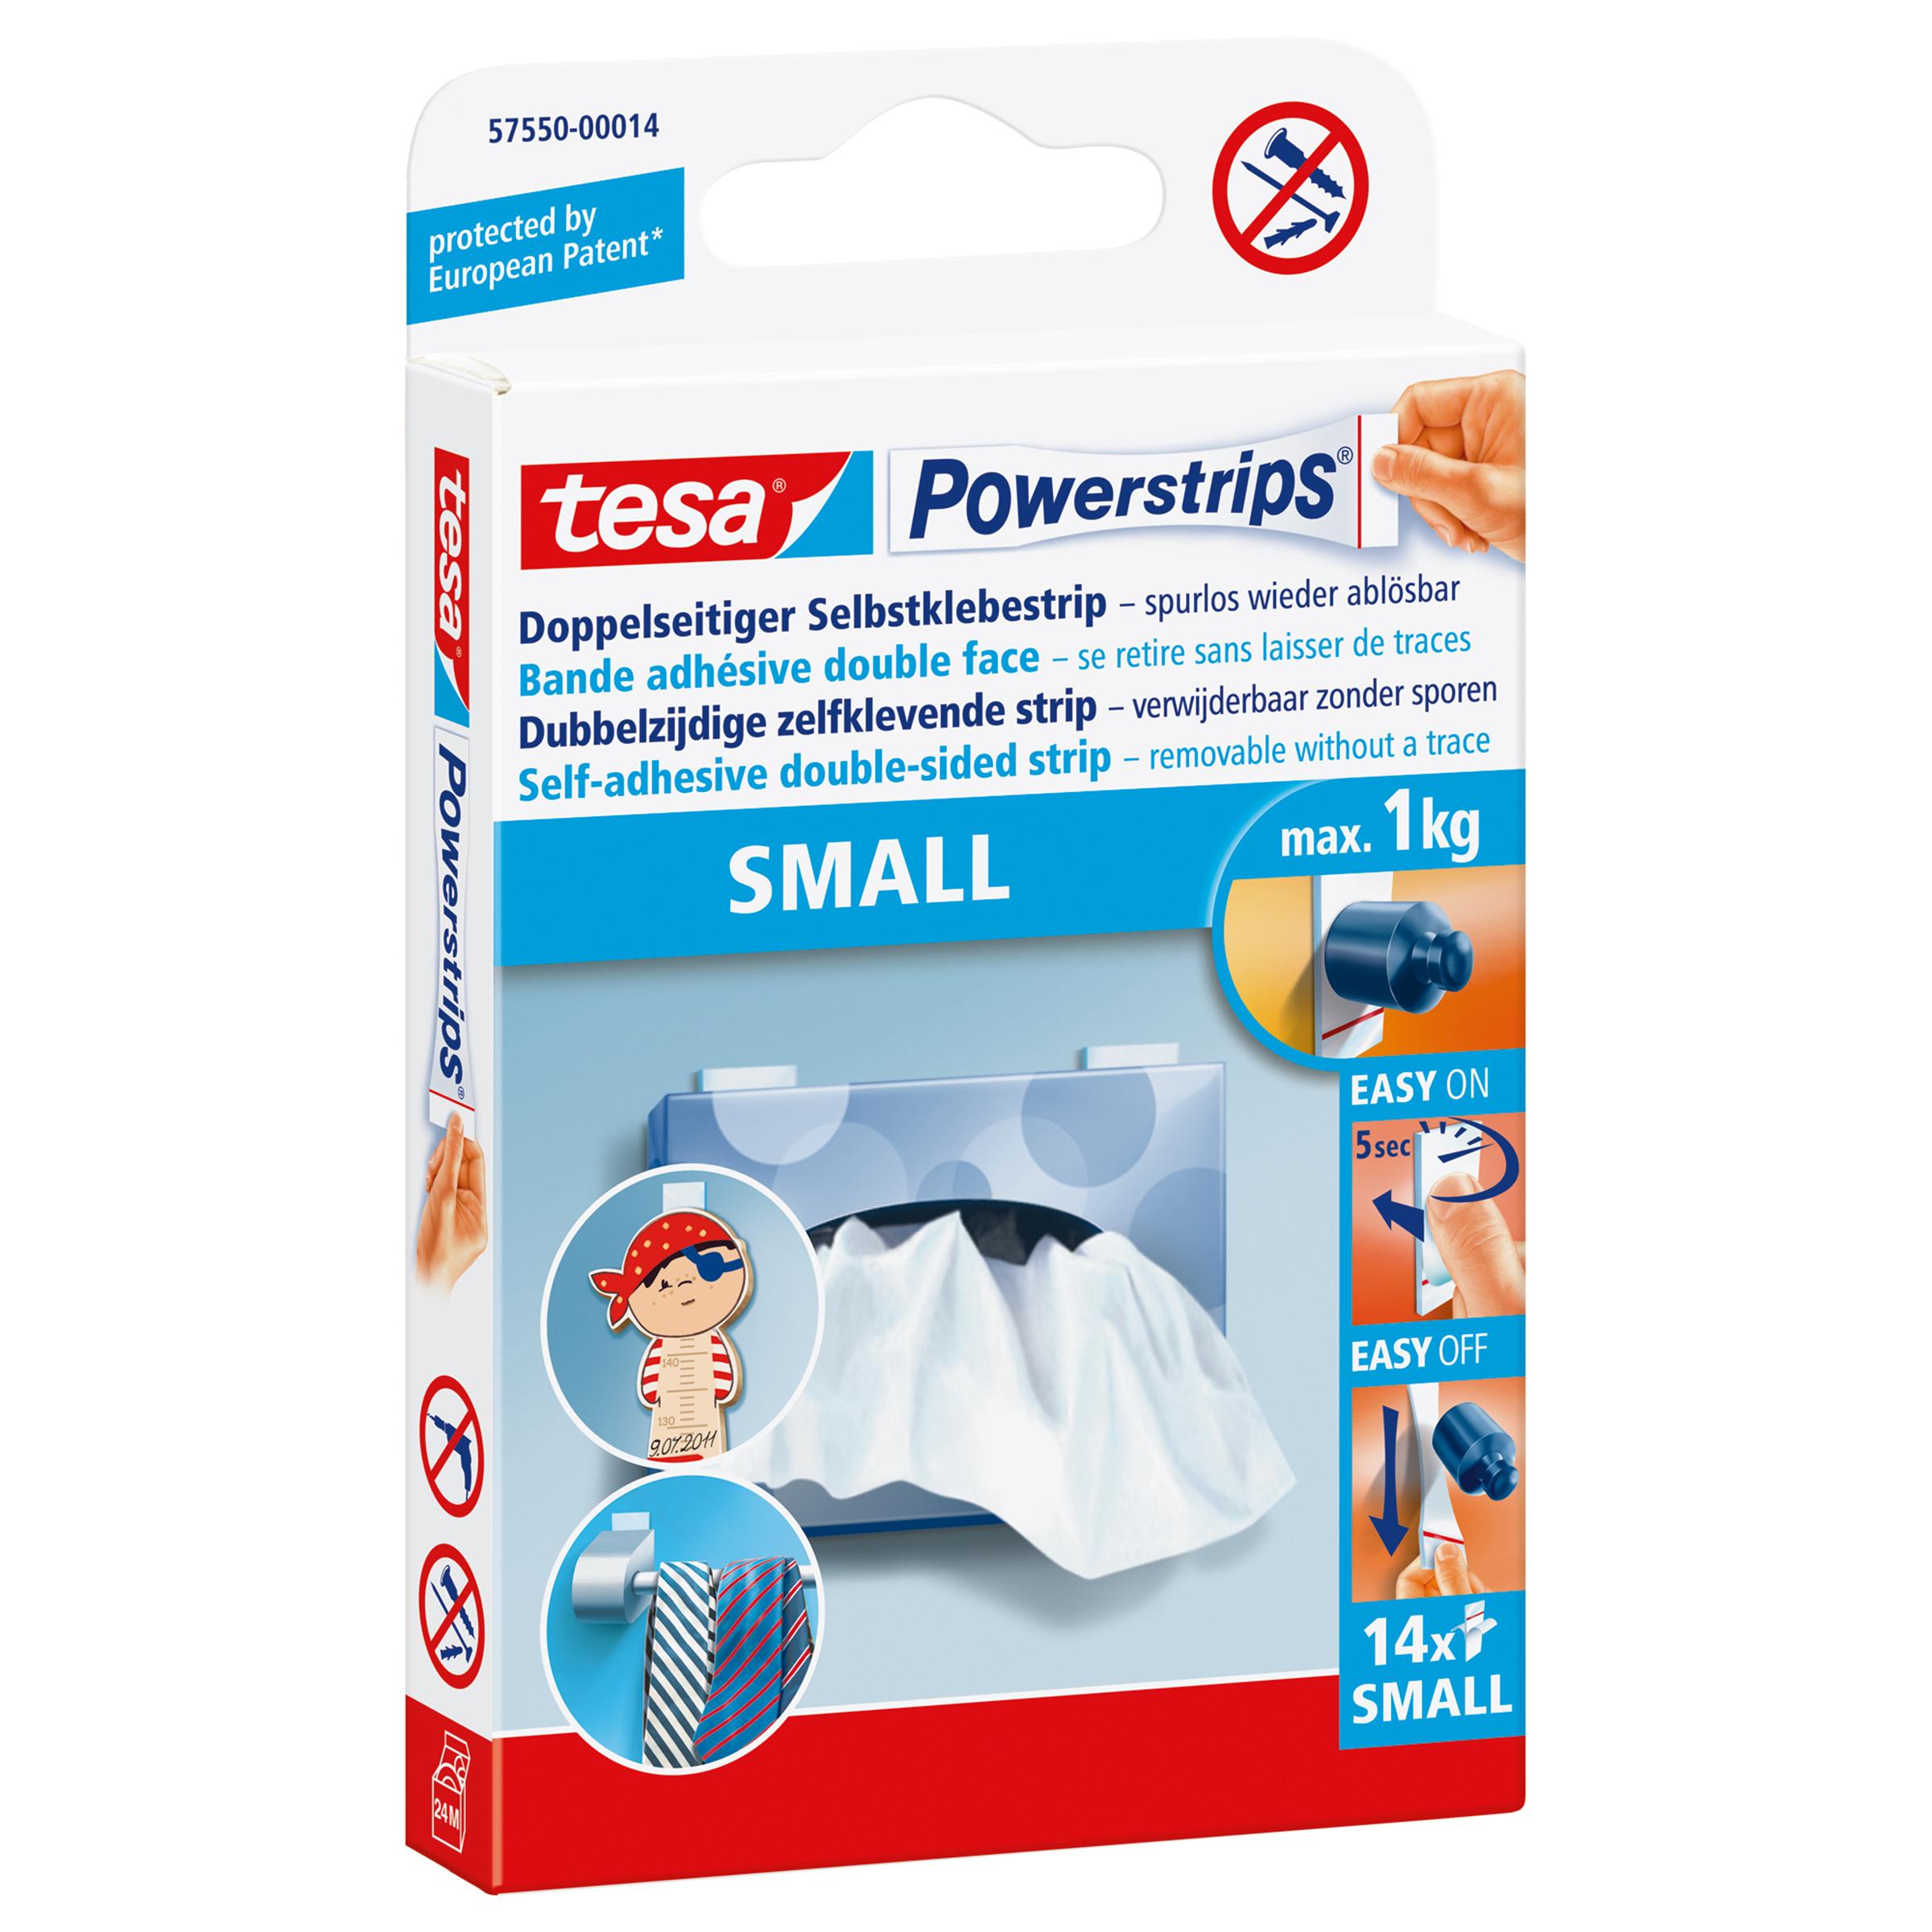 Tesa 57550-00014 - Montage-Etikett - Weiß - 1 kg/cm